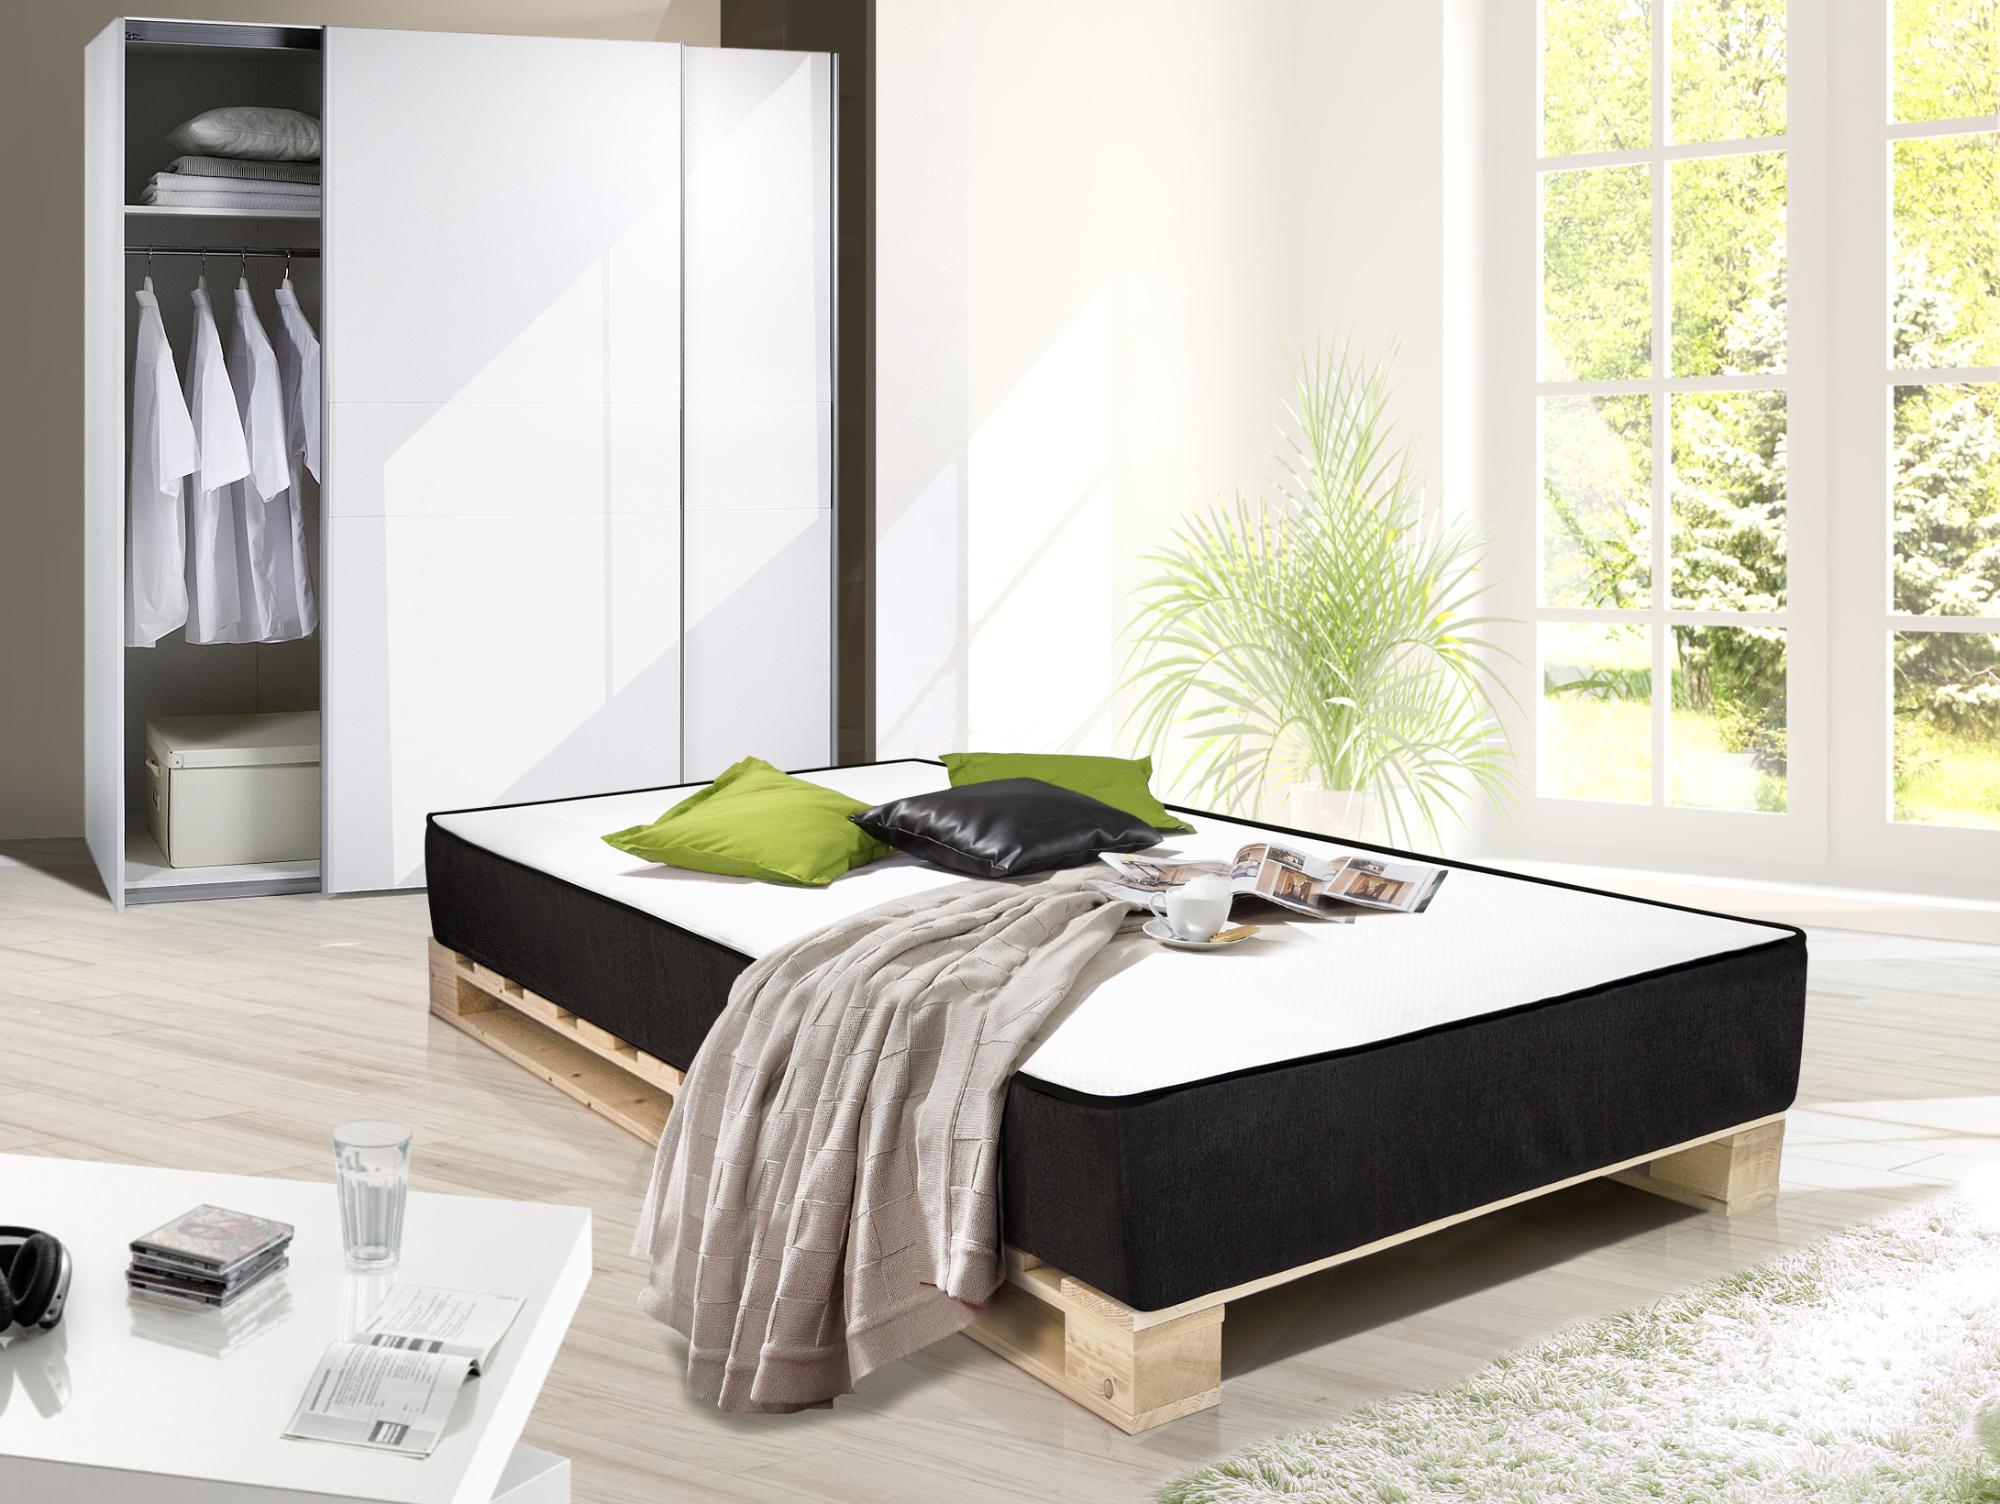 youth 3 teiliges jugendzimmer natur. Black Bedroom Furniture Sets. Home Design Ideas